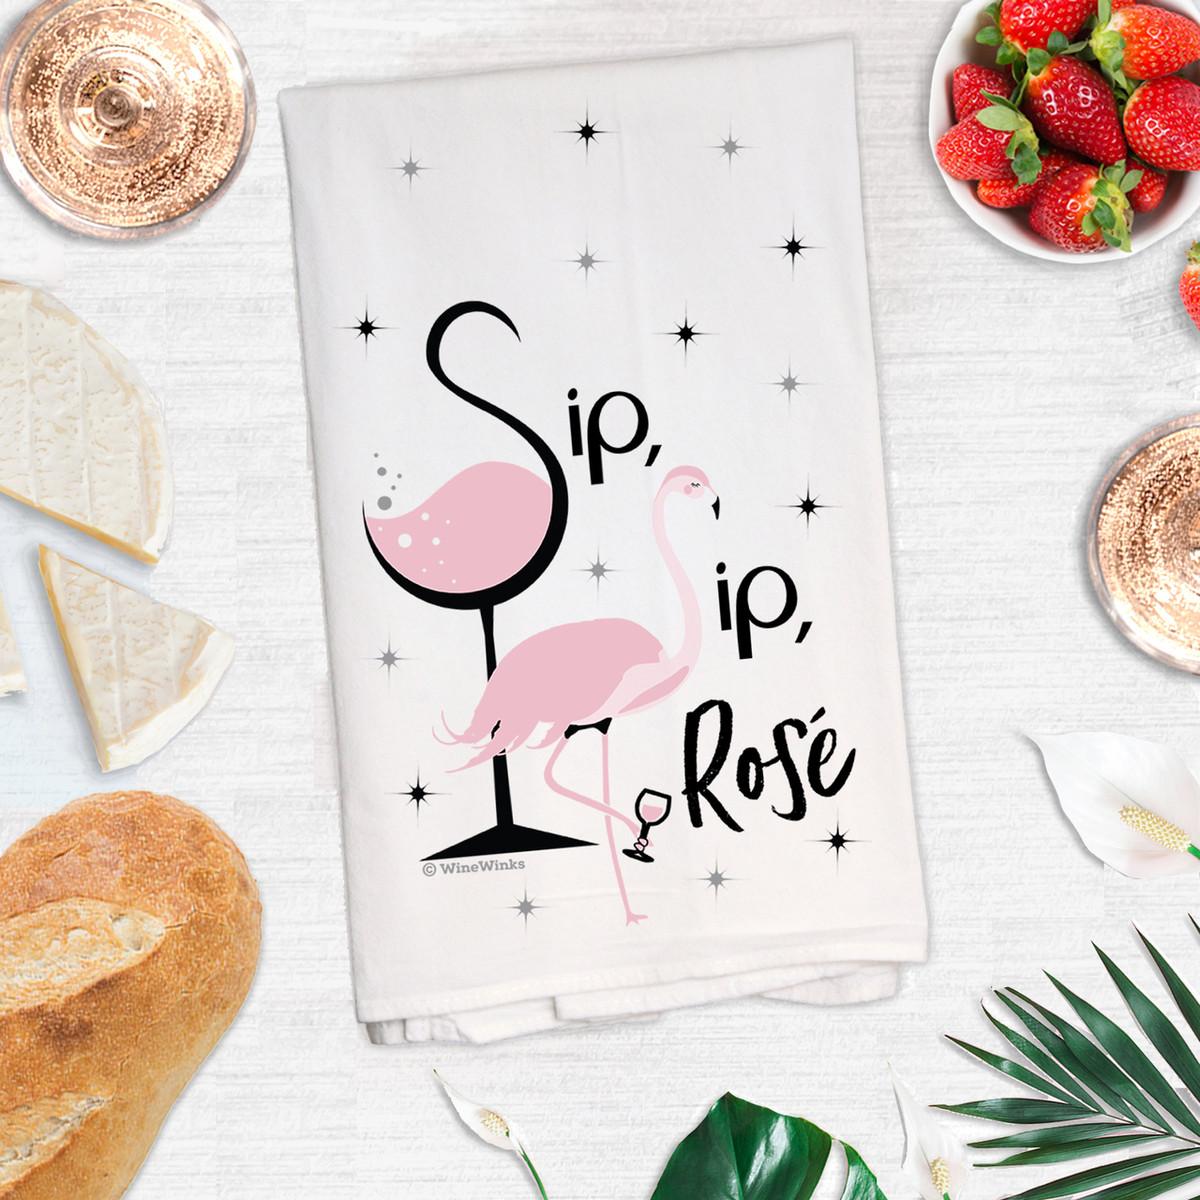 Sip, Sip, Rose'